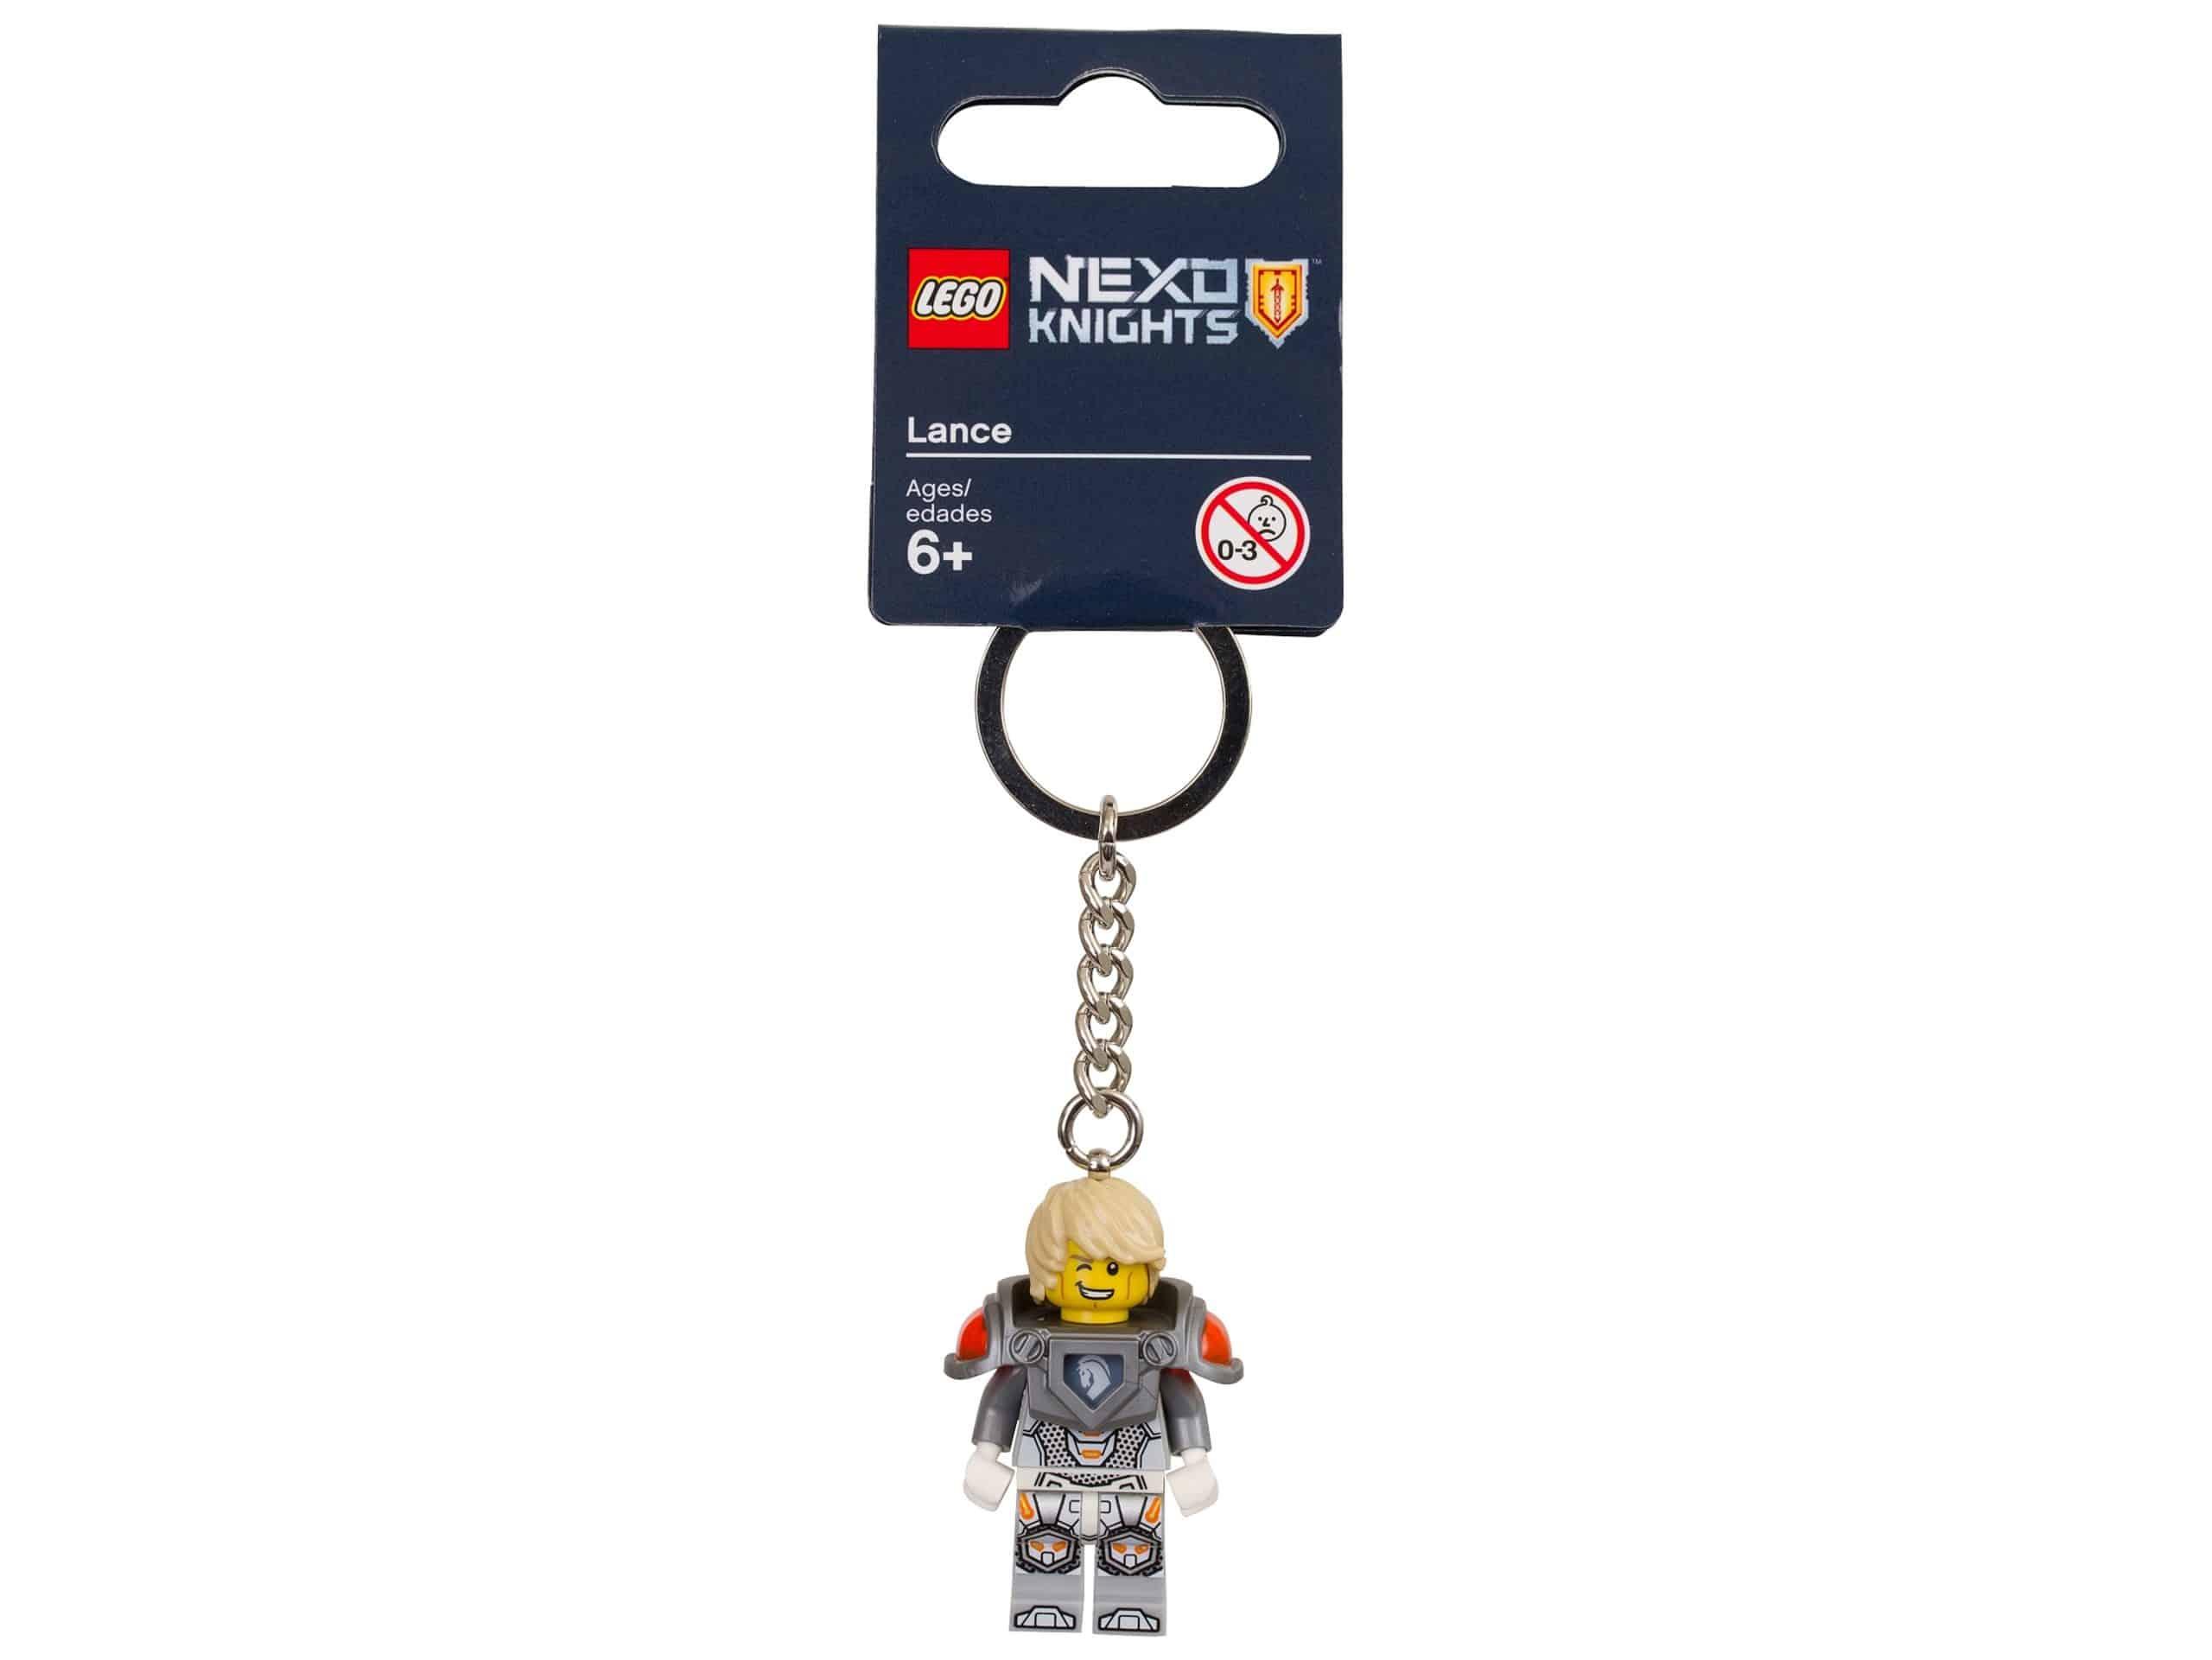 lego 853524 nyckelring lance scaled